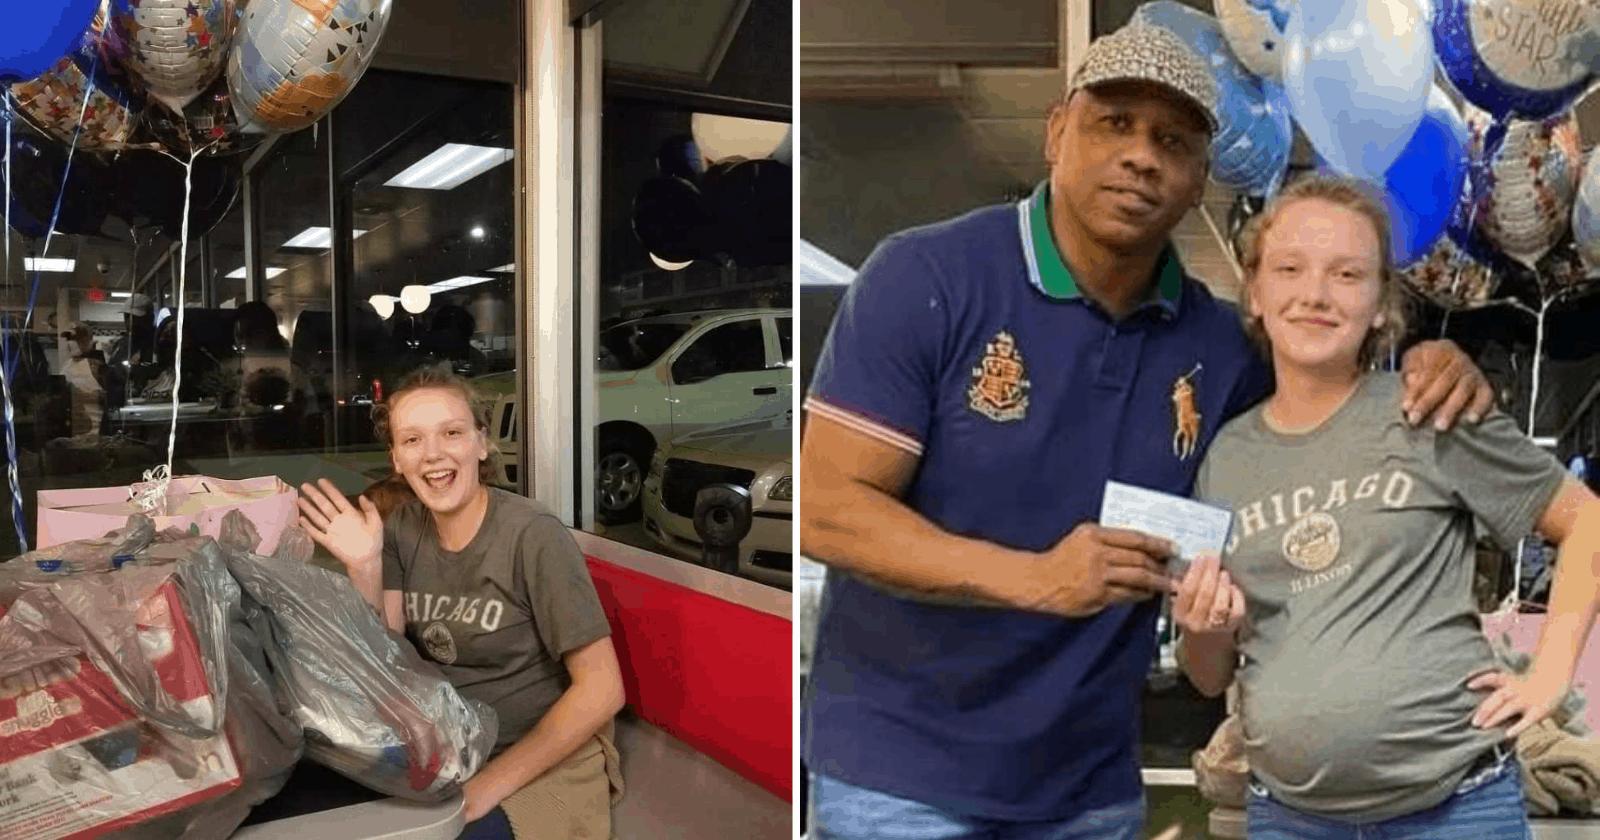 Esse pastor fez uma surpresa milionária para ajudar garçonete grávida que conheceu em atendimento